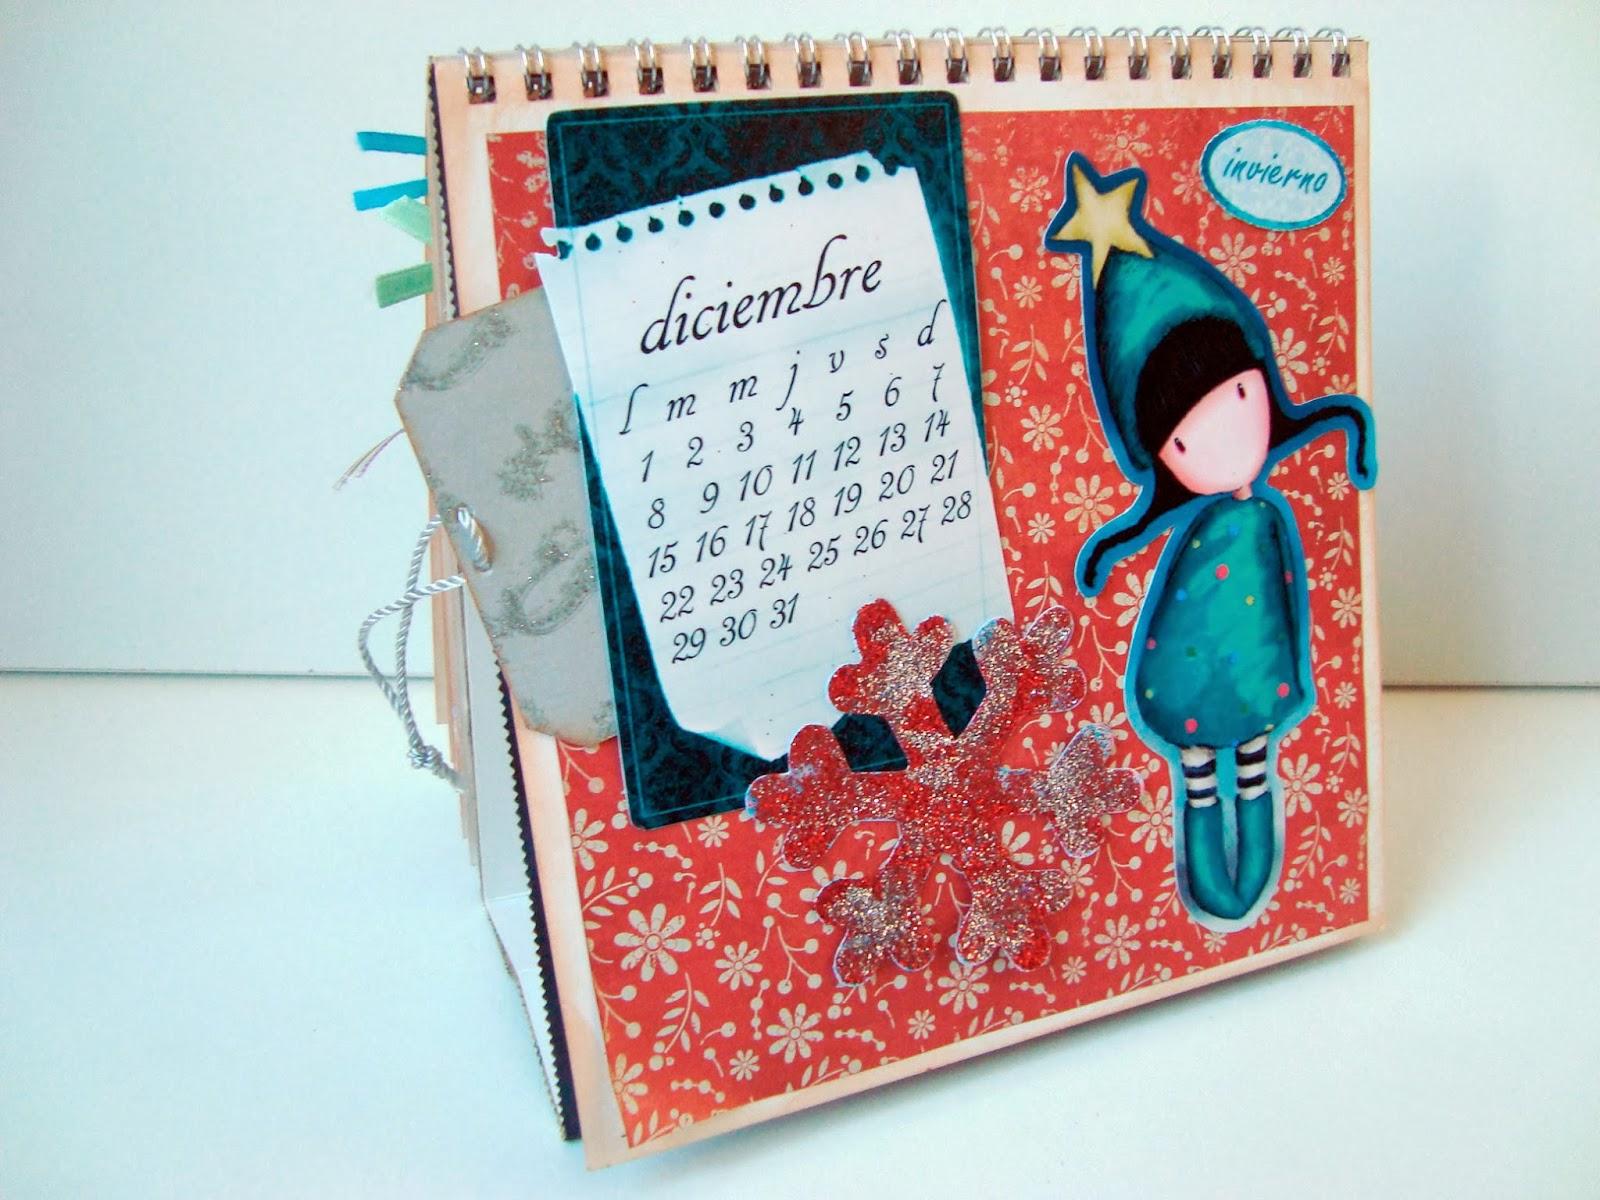 calendario_gorjuss_diciembre